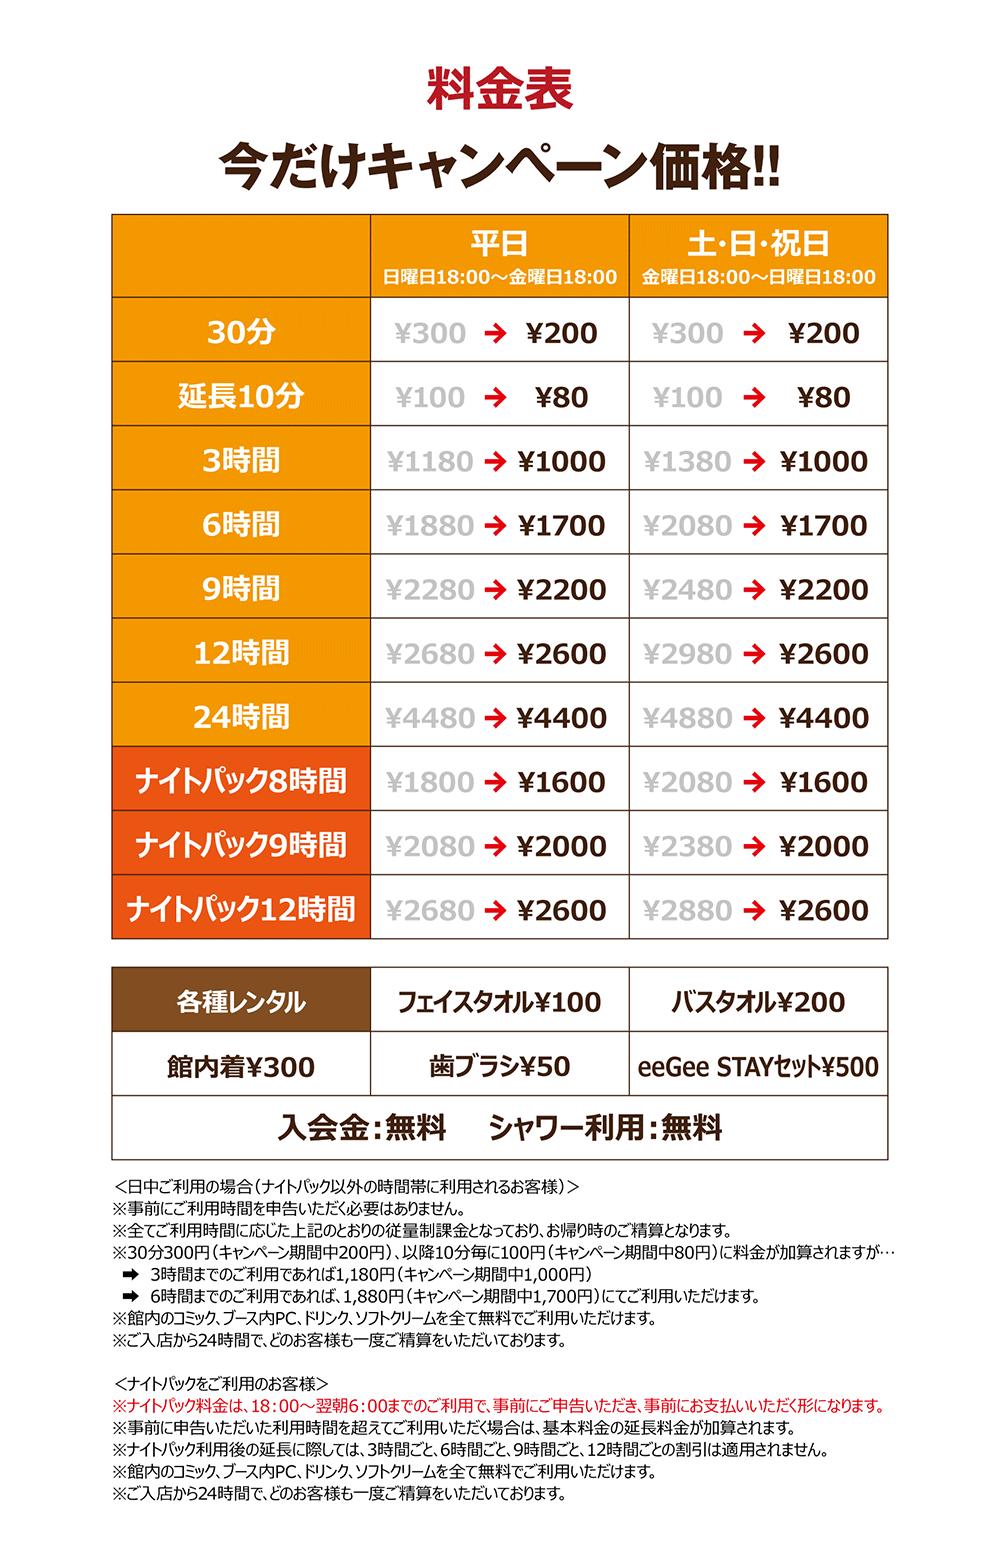 ネットカフェ料金表